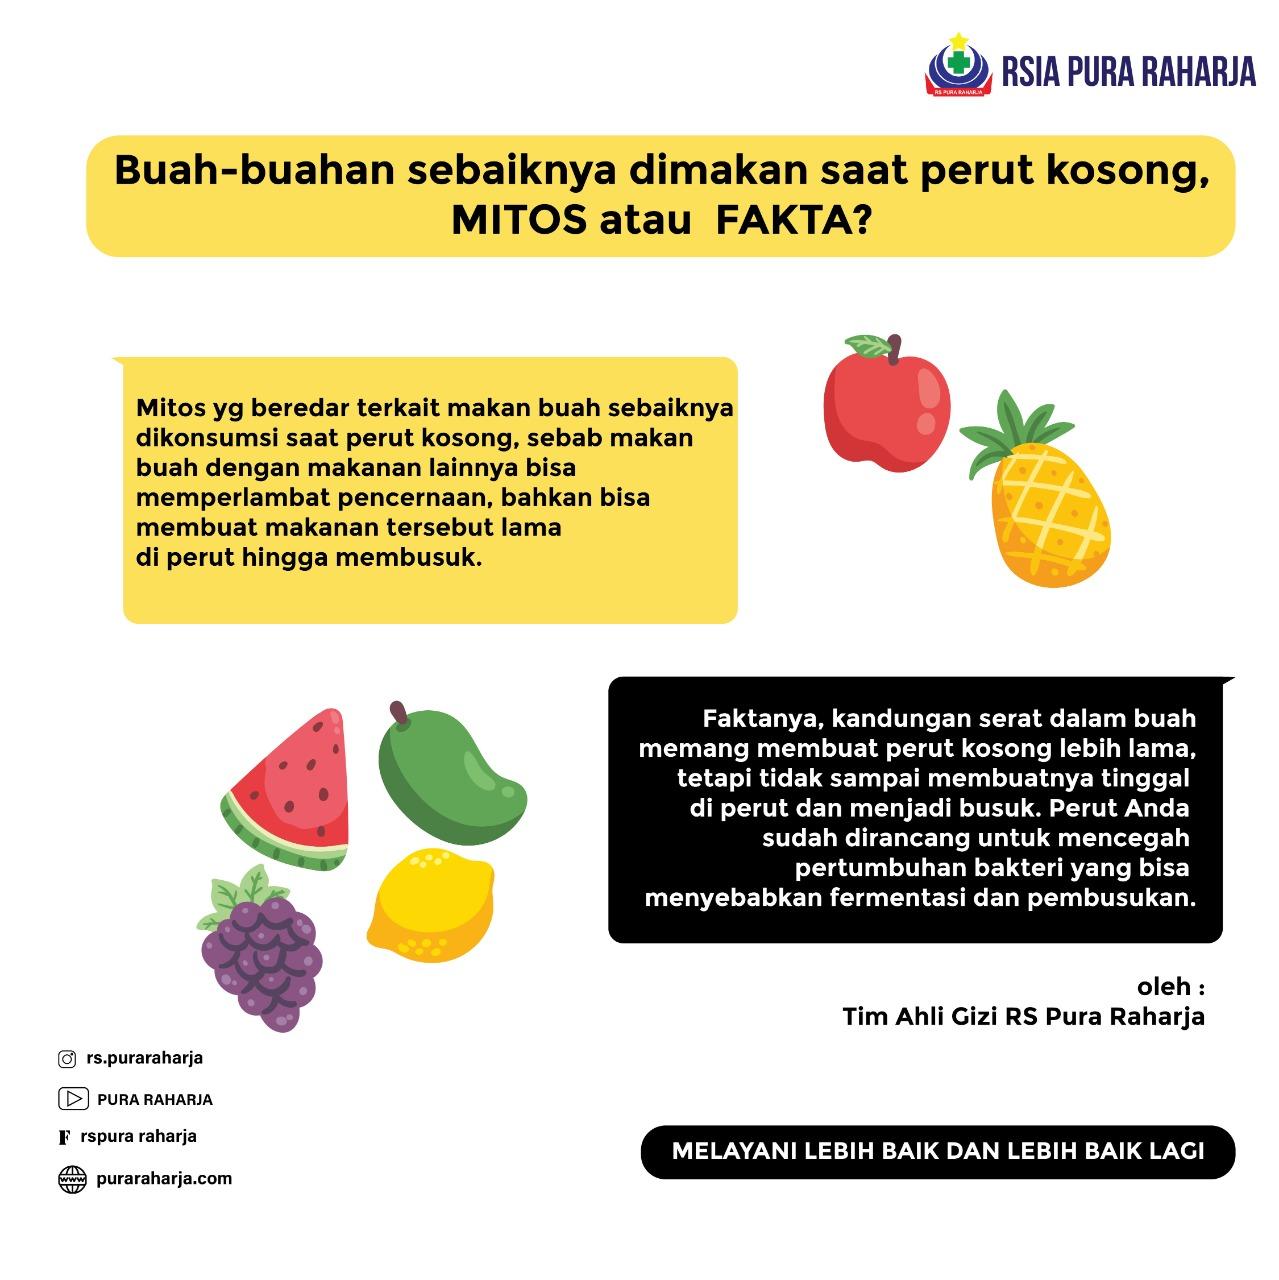 Buah-buahan sebaiknya Dimakan pada Saat Perut Kosong   MITOS atau FAKTA